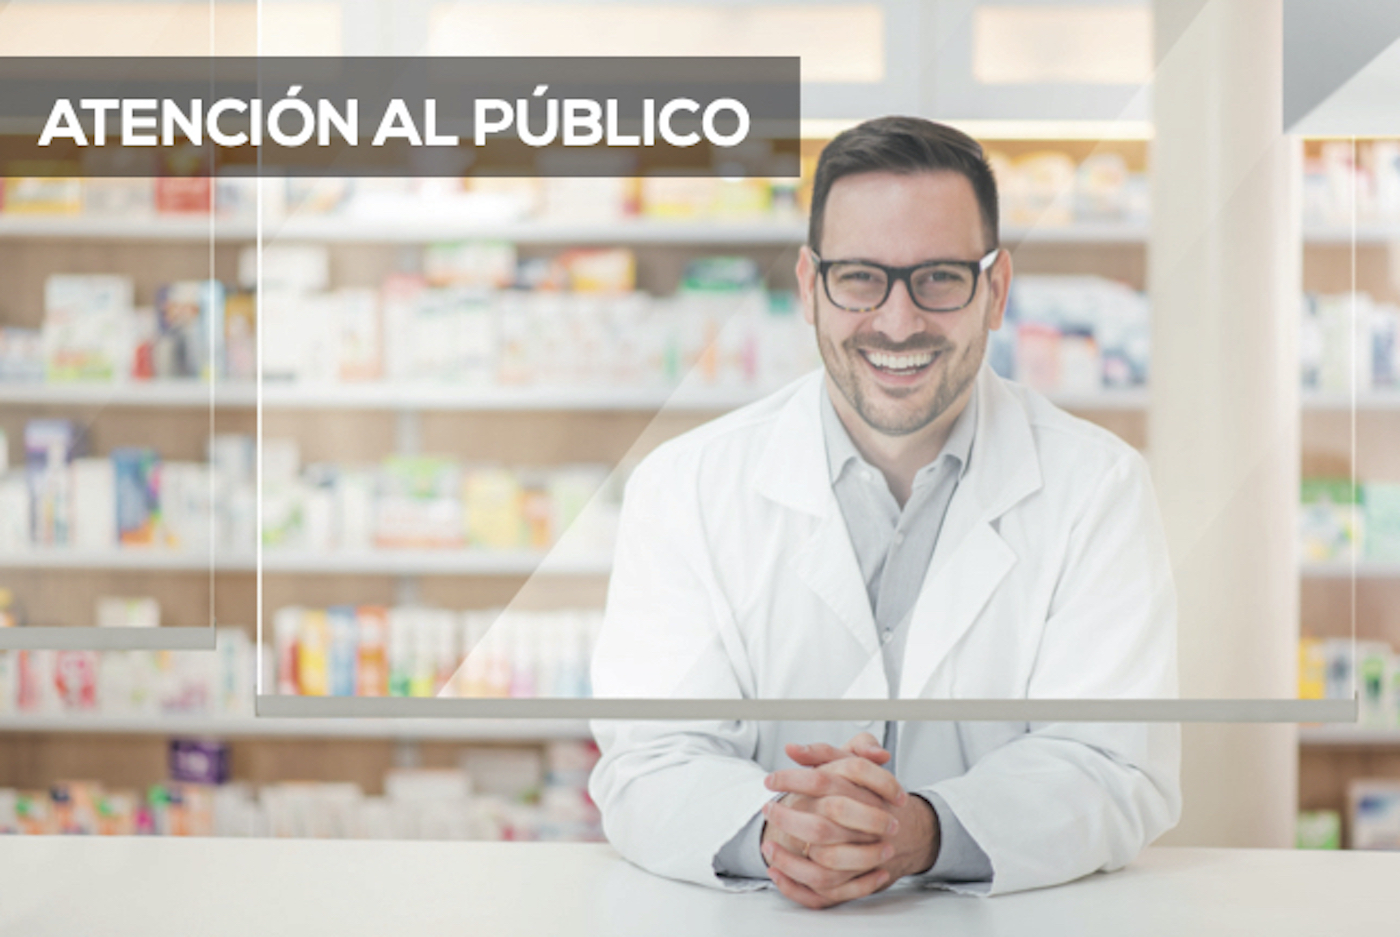 estores transparentes para la atencion al publico en mostradores de tiendas y farmacias